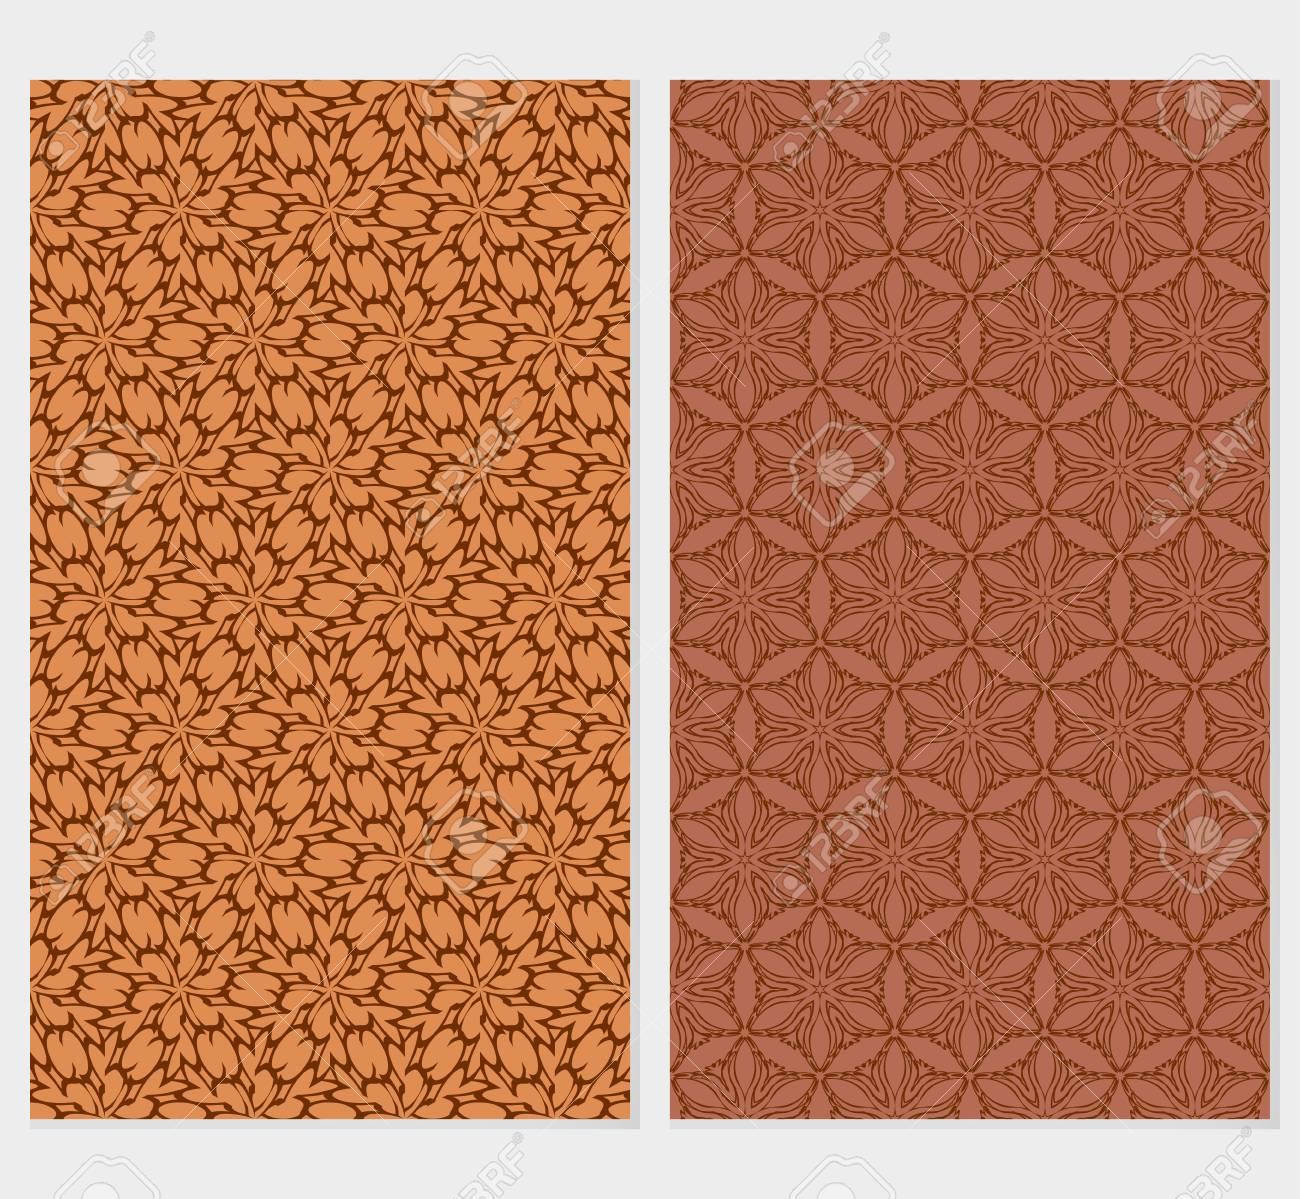 Set Of Original Floral Patterns Vector Illustration For Design